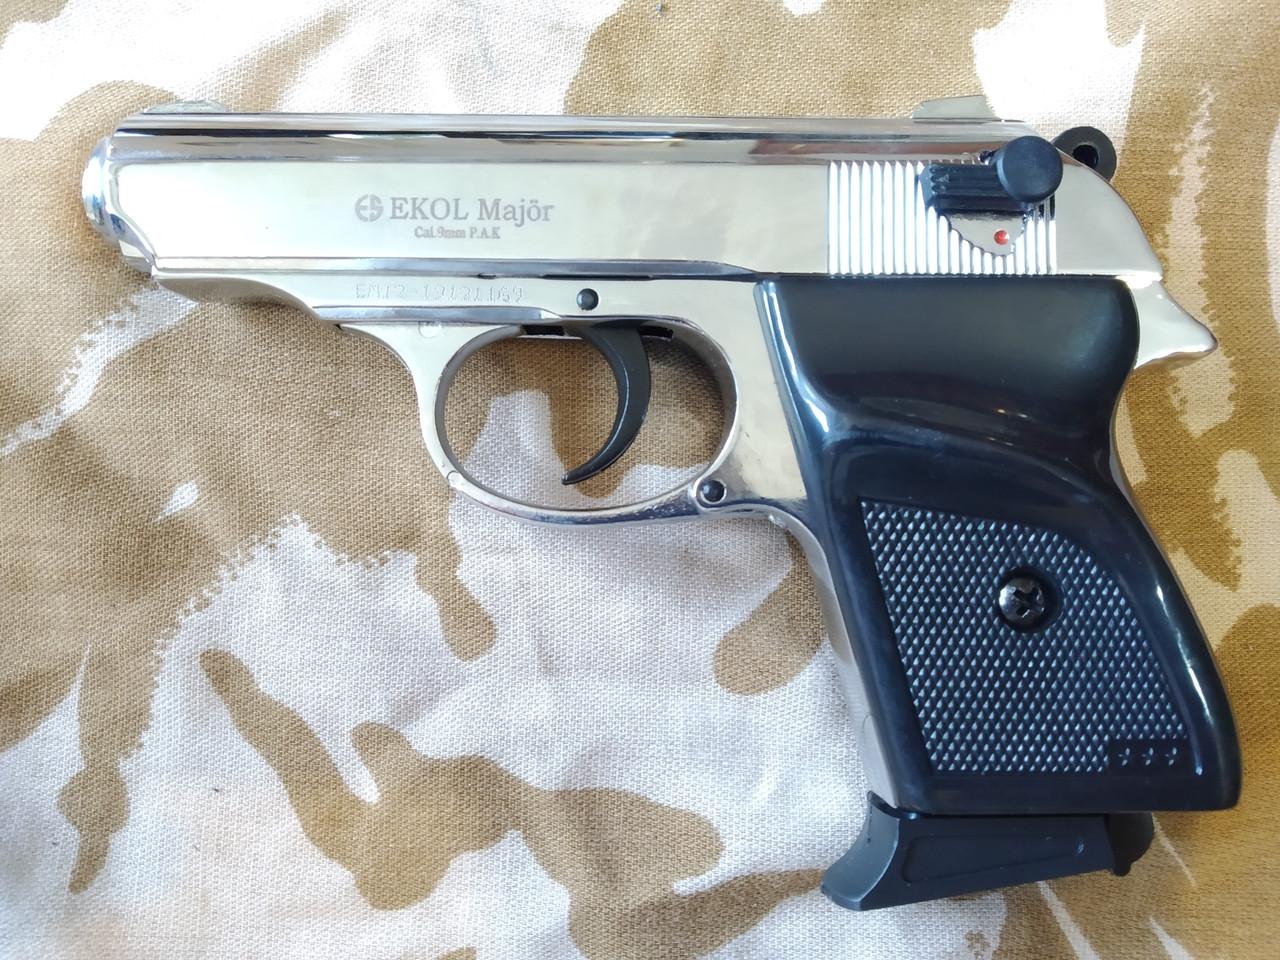 Сигнальный пистолет Ekol Major Chrome